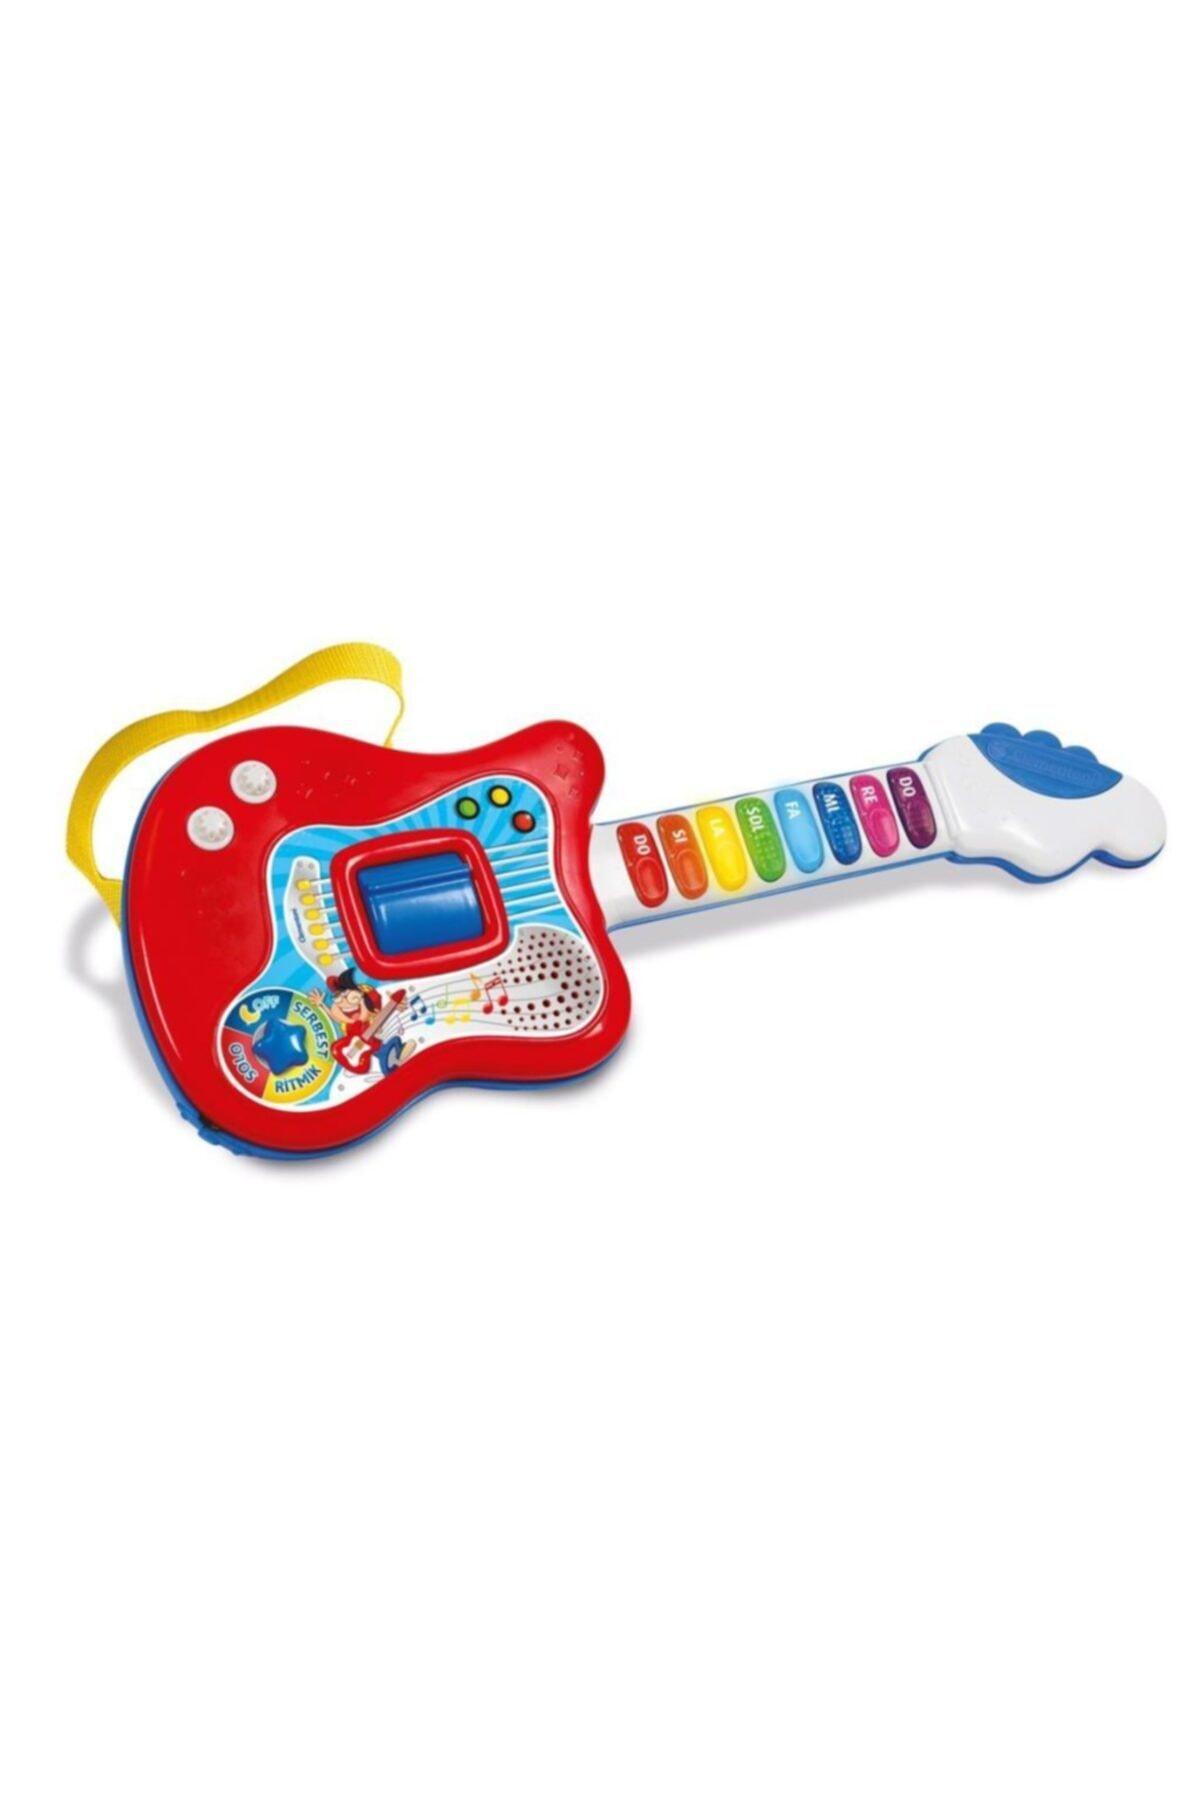 CLEMENTONI 64948 Ilk Gitarım /oynaöğren 2